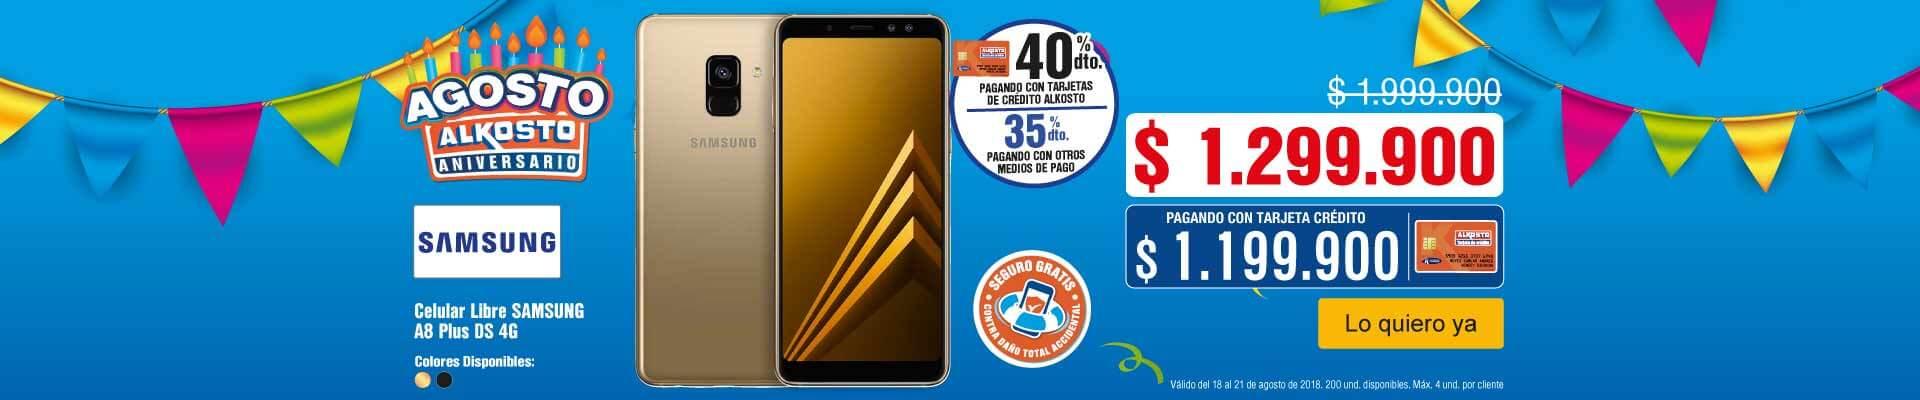 AK-PPAL-3-celulares-PP---Samsung-A8Plus-Ago18